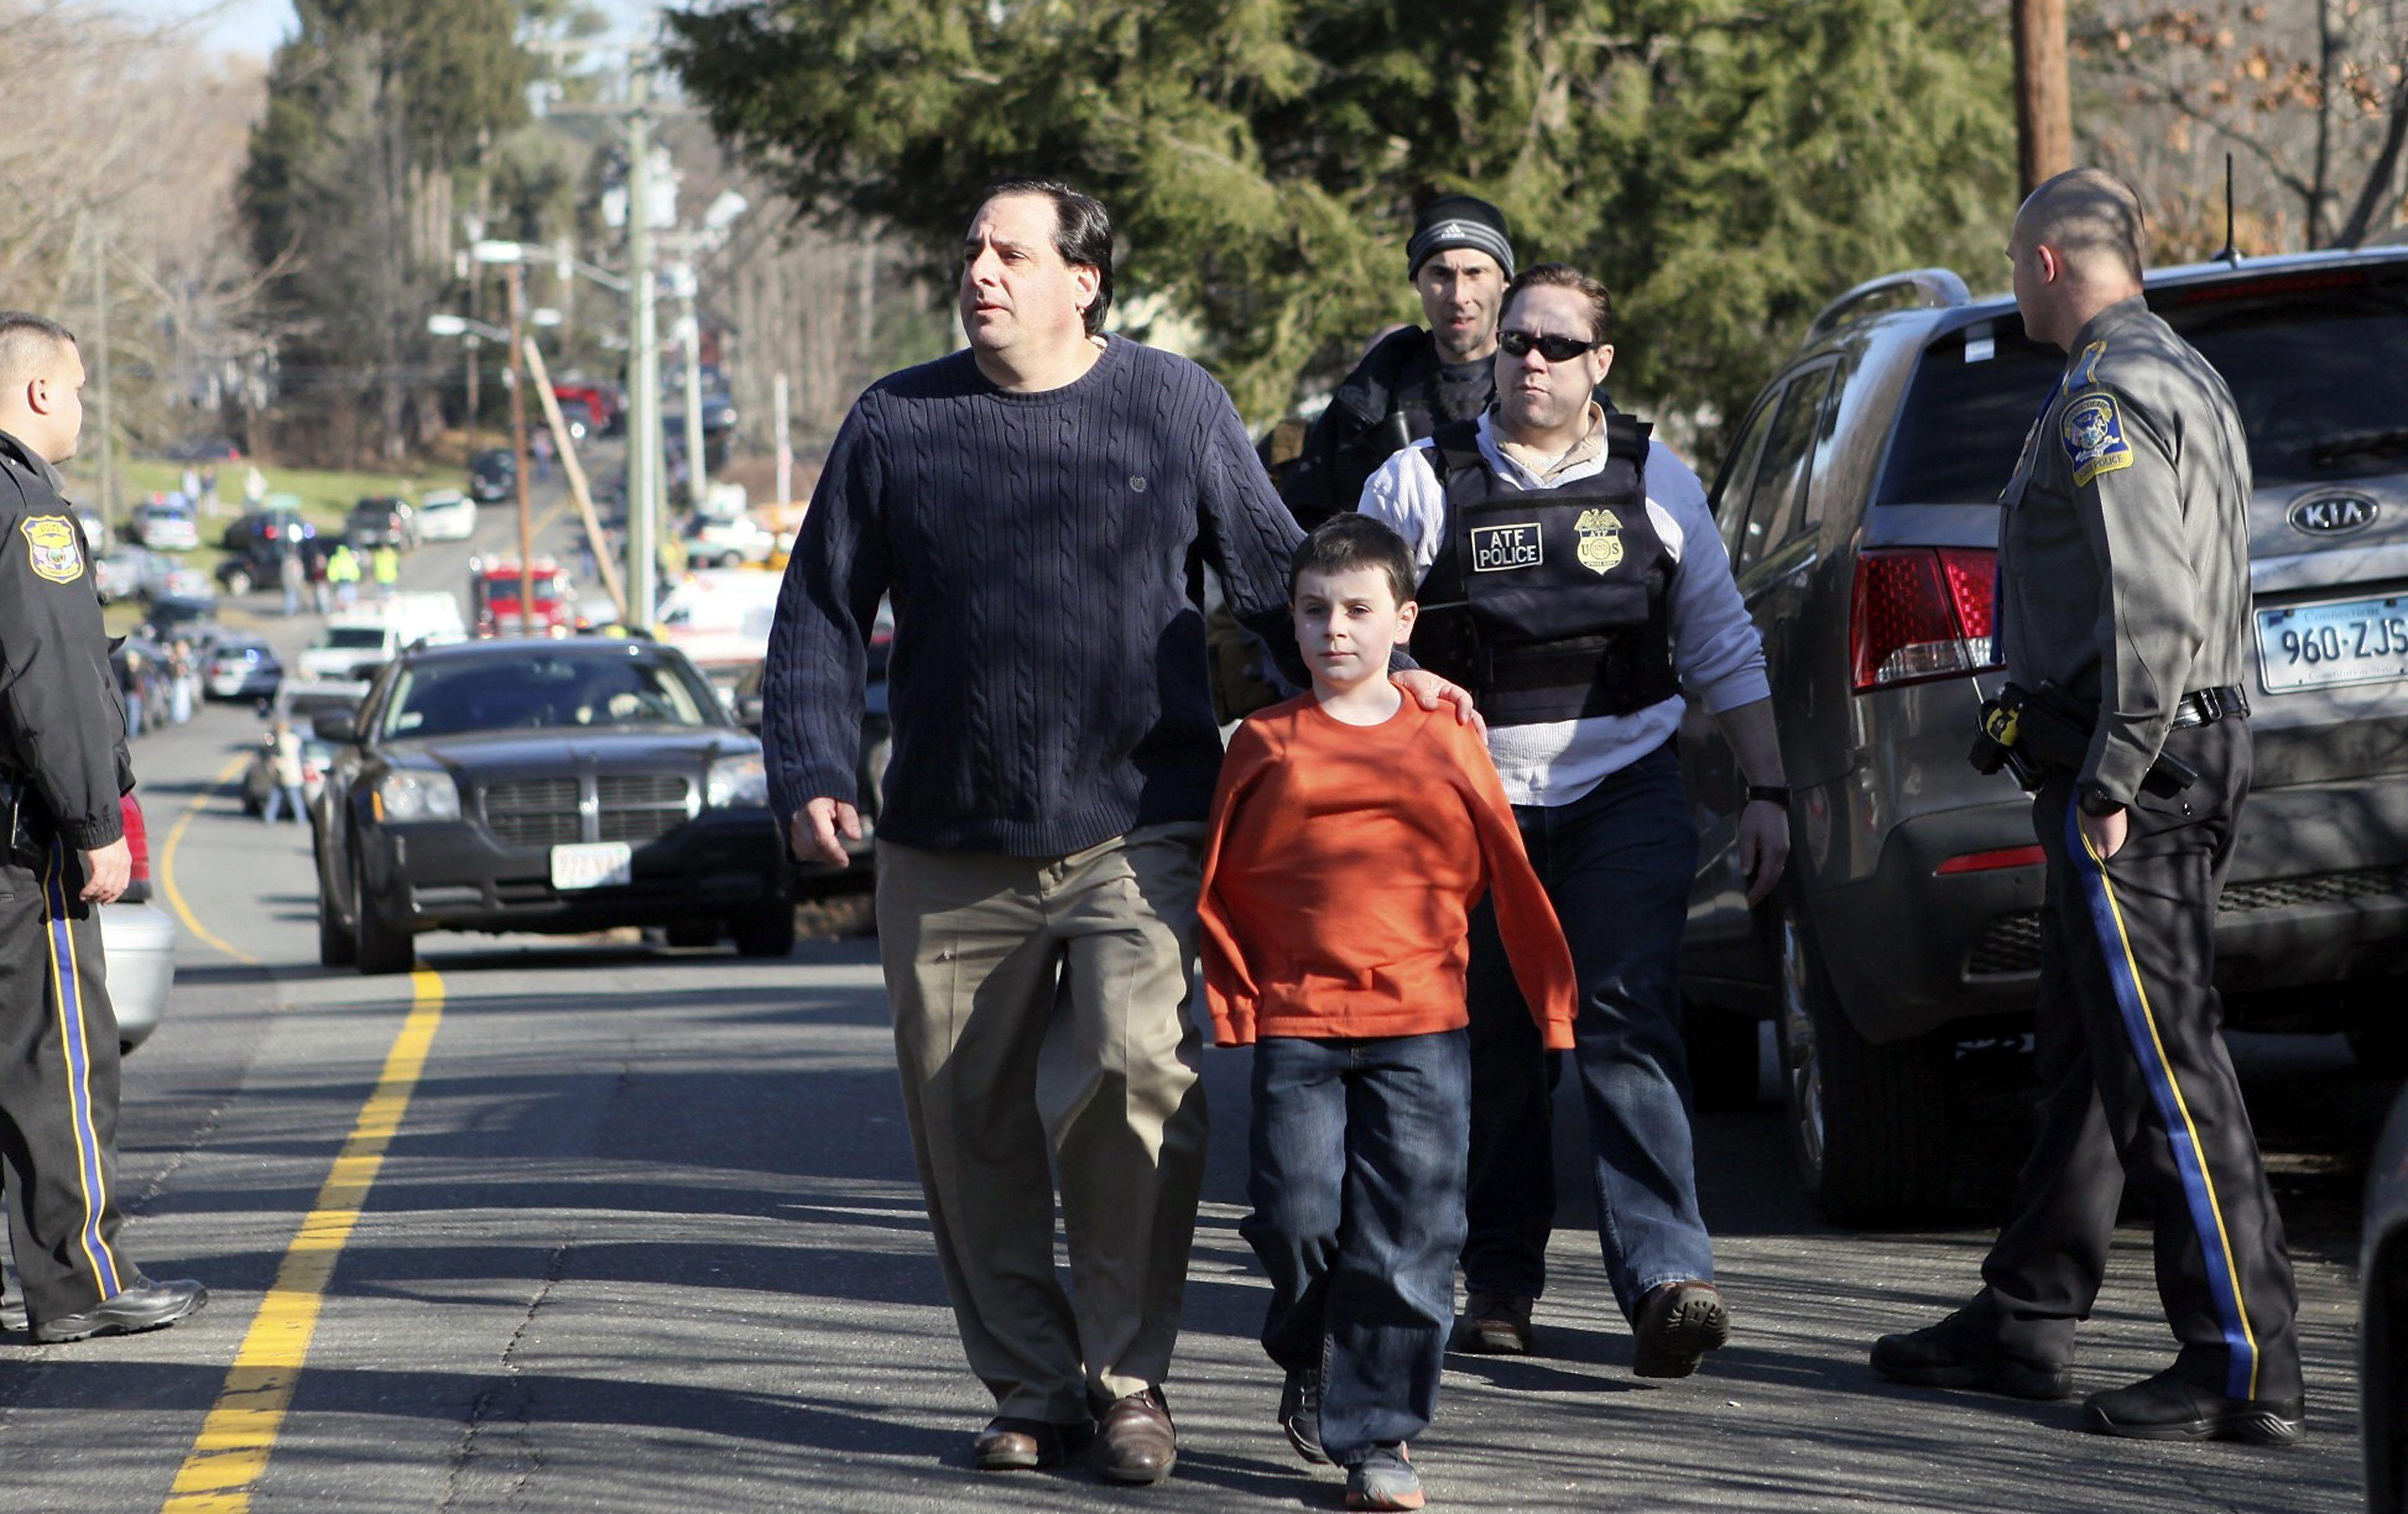 Aumentó la venta de armas tras la masacre en Connecticut